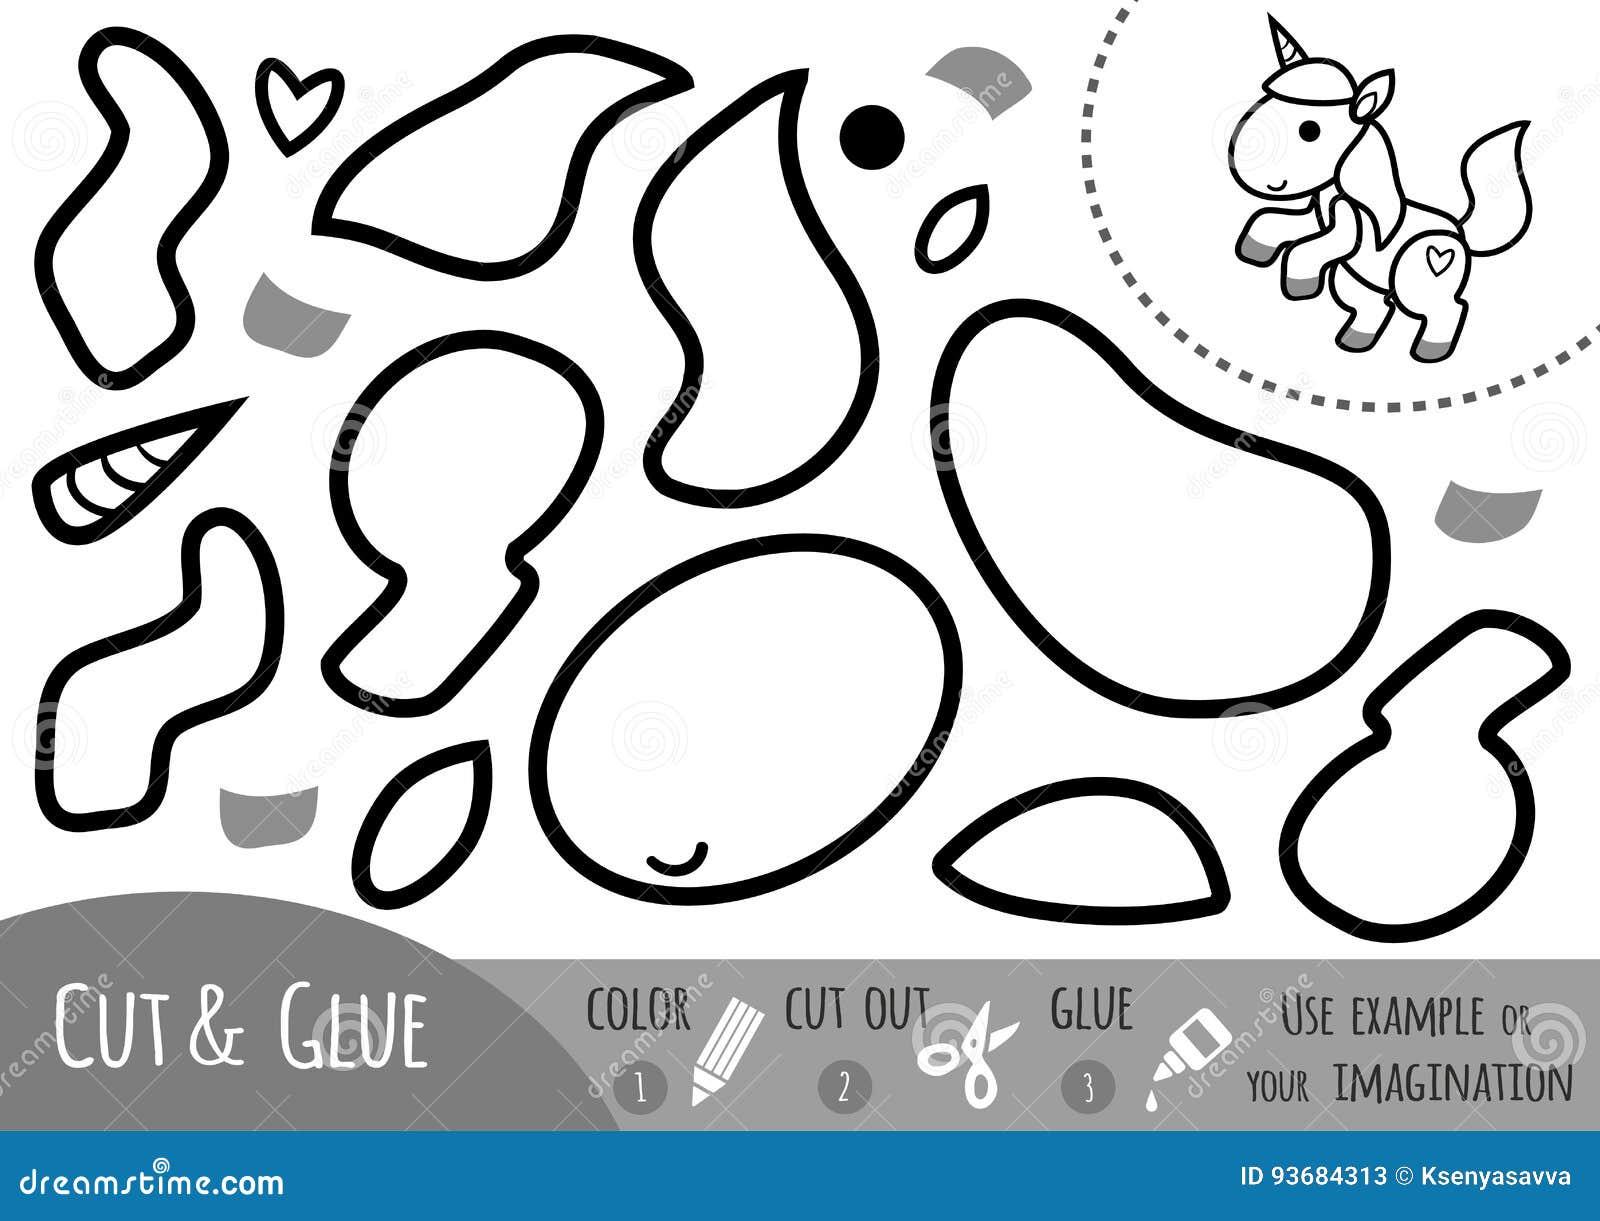 Juego De Papel Para Los Ninos Unicornio De La Educacion Ilustracion